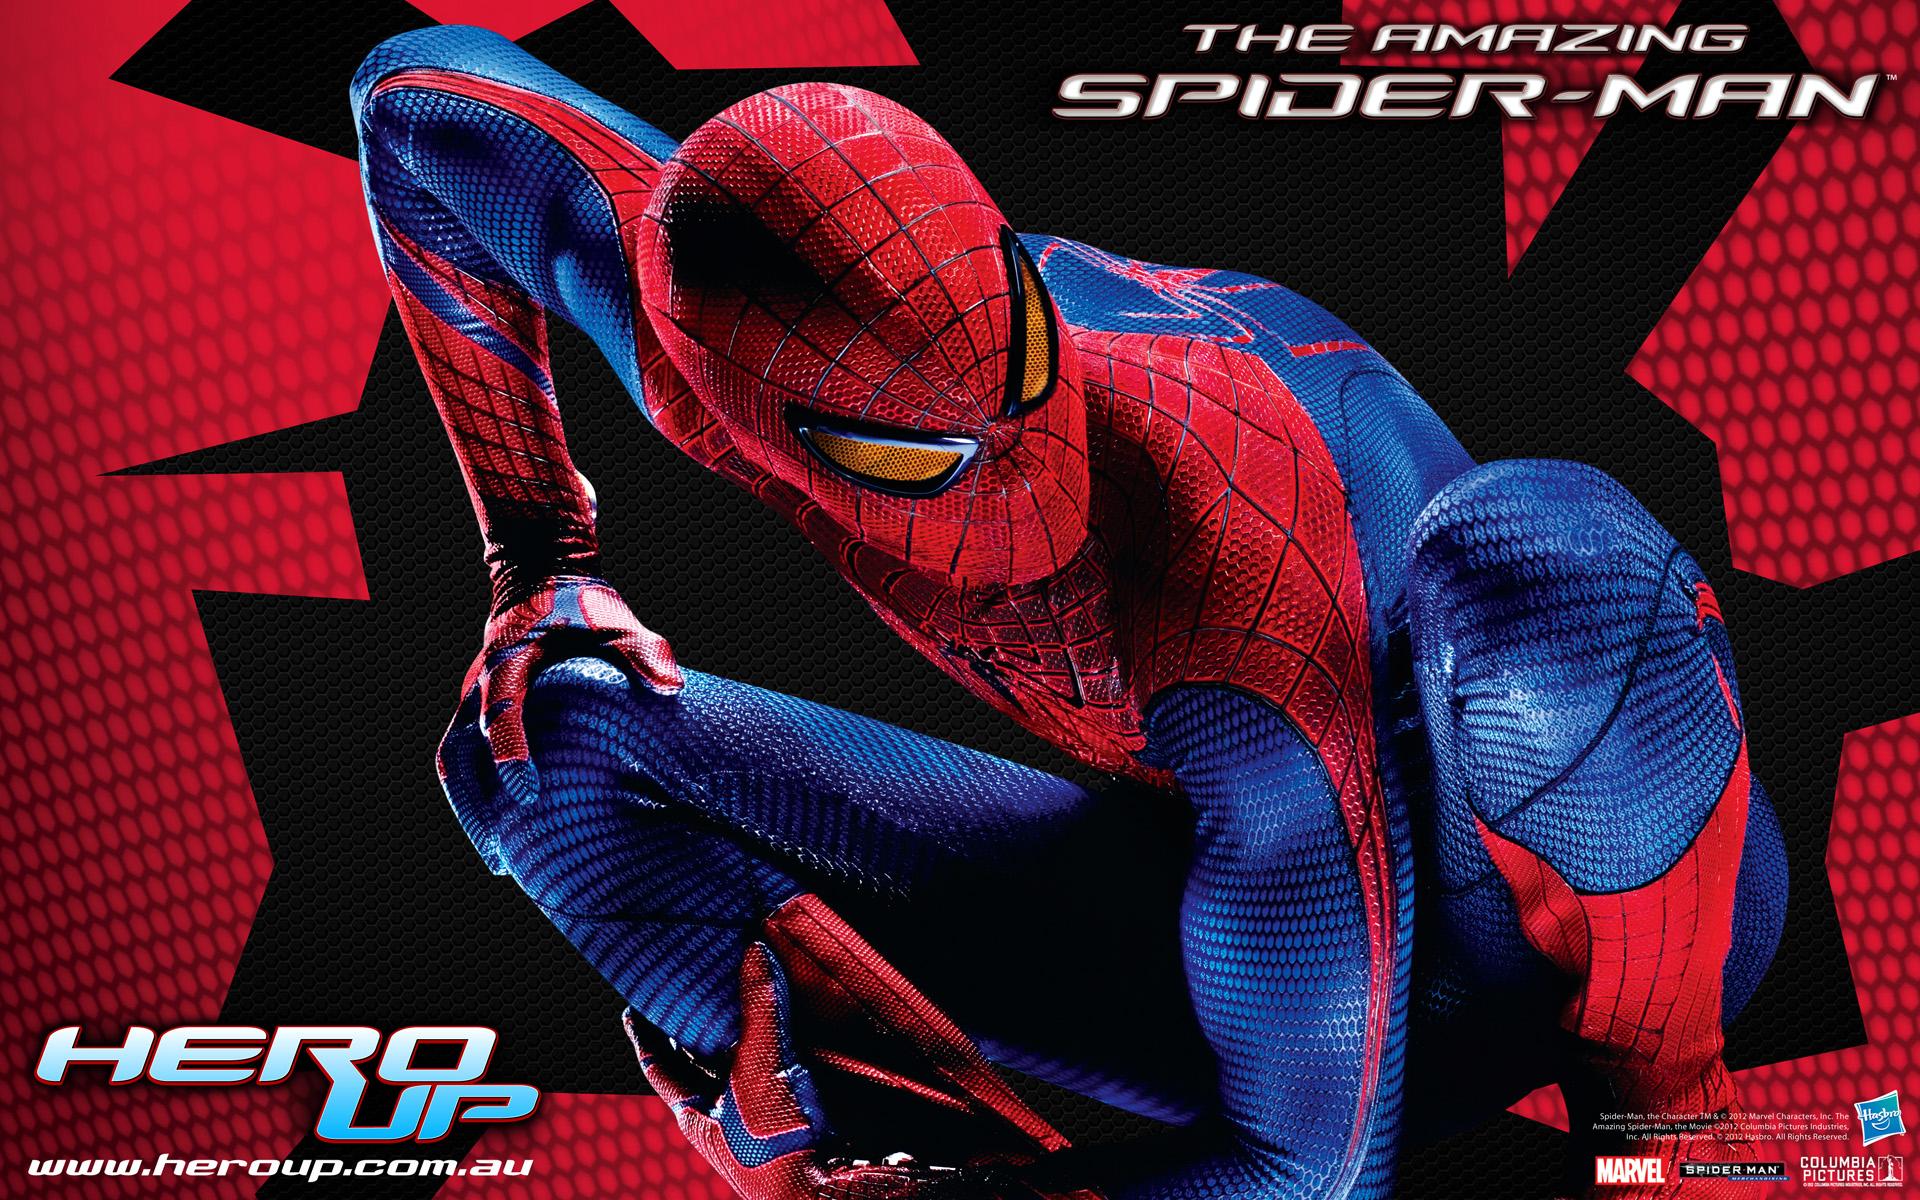 Patriotism in spiderman movies